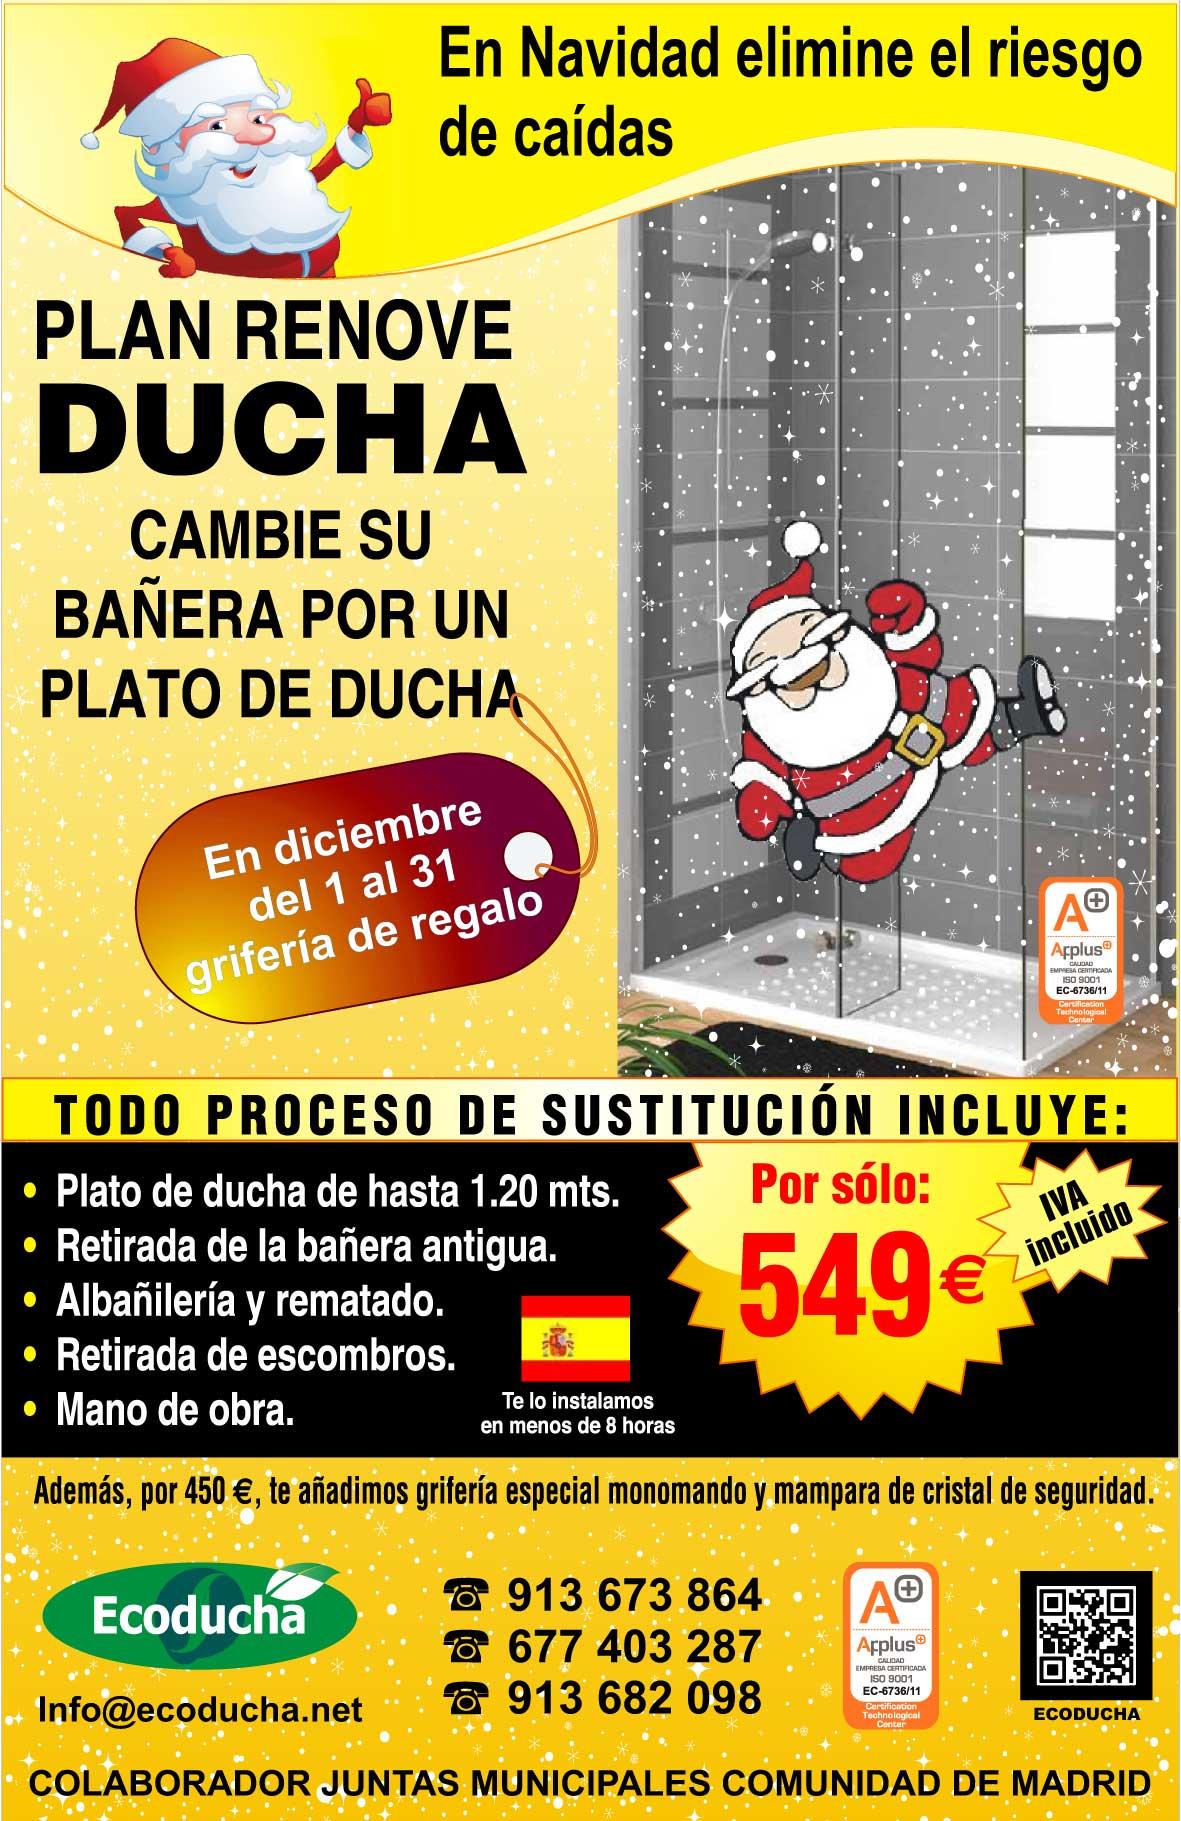 Cambio de ba era a ducha sin obras plato de ducha sin - Fotos de platos de ducha ...